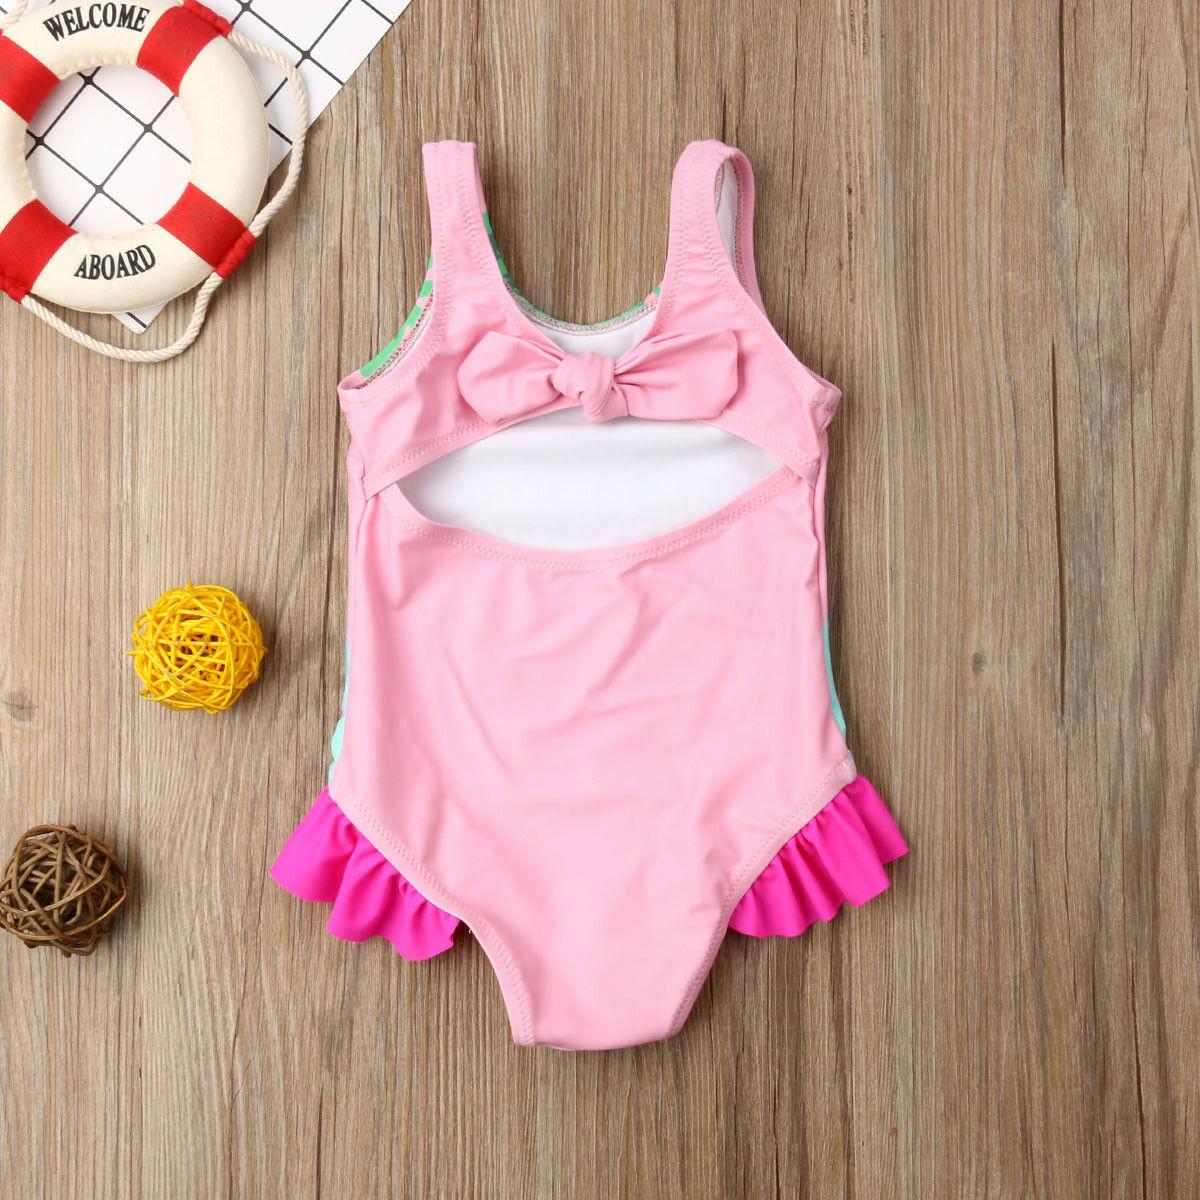 Купальник-бикини с попугаями для маленьких девочек, купальный костюм для детей 0-24 месяцев